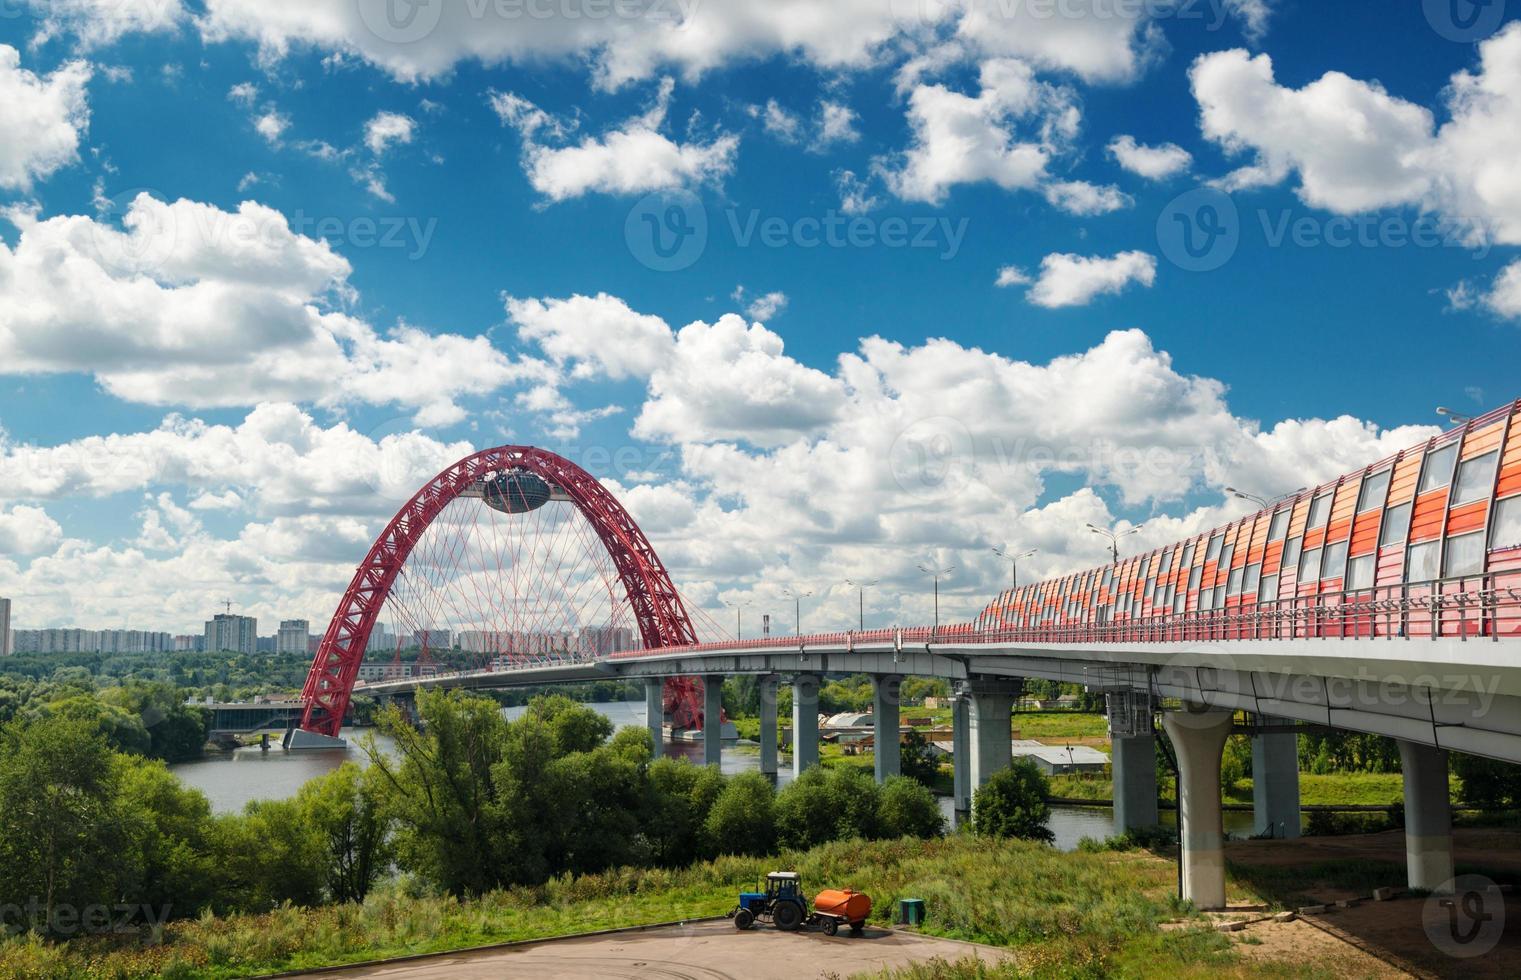 moderno puente atirantado en moscú foto